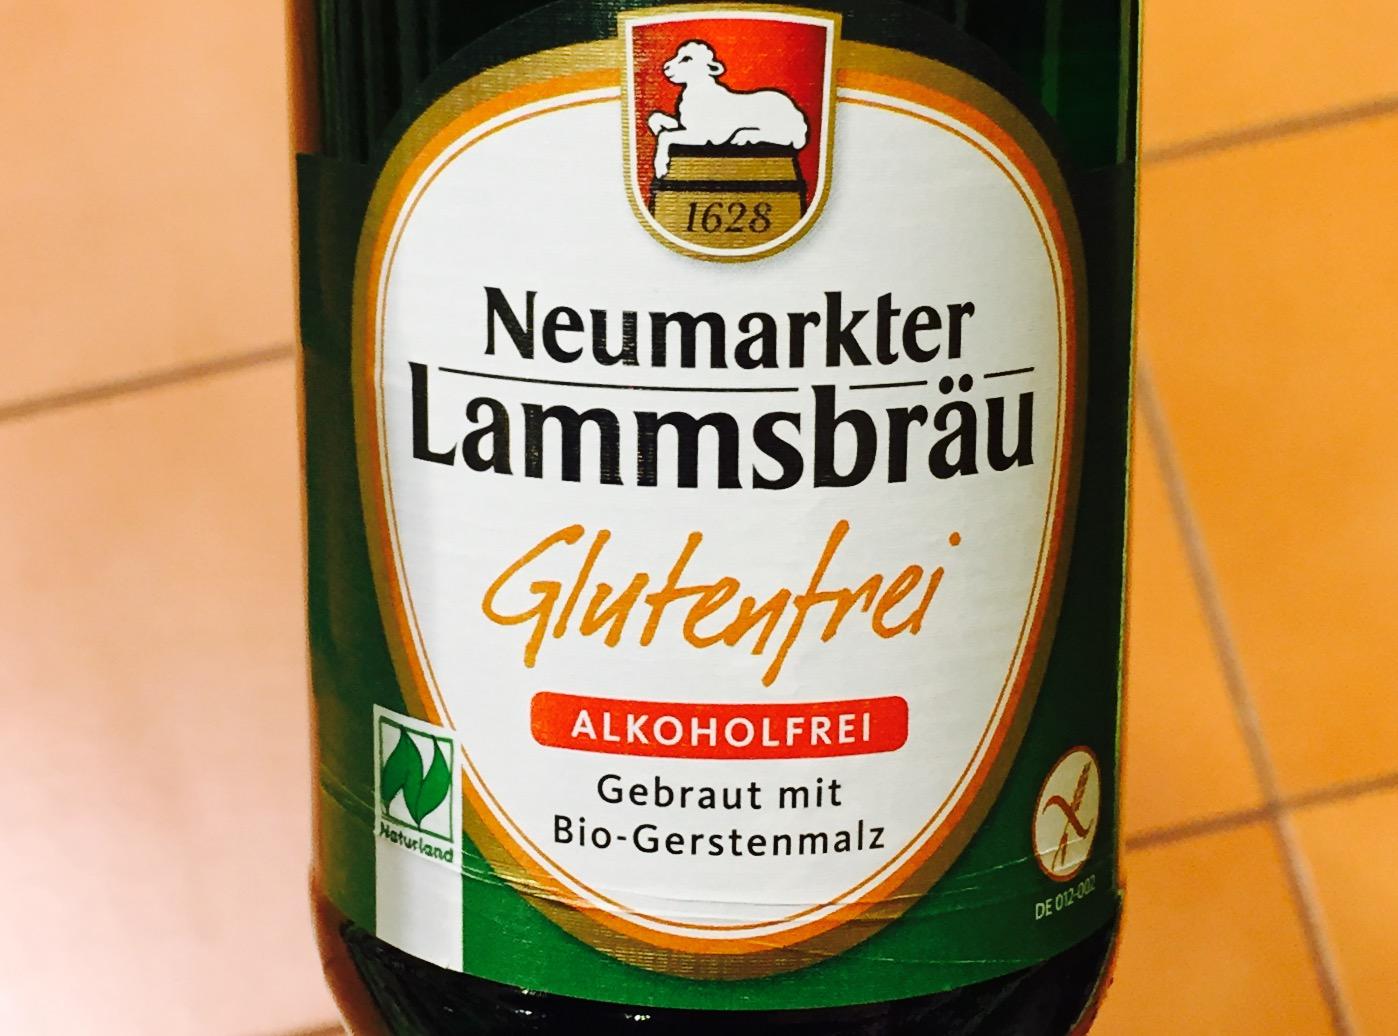 Neumarkter Lammsbräu - Glutenfrei Alkoholfrei